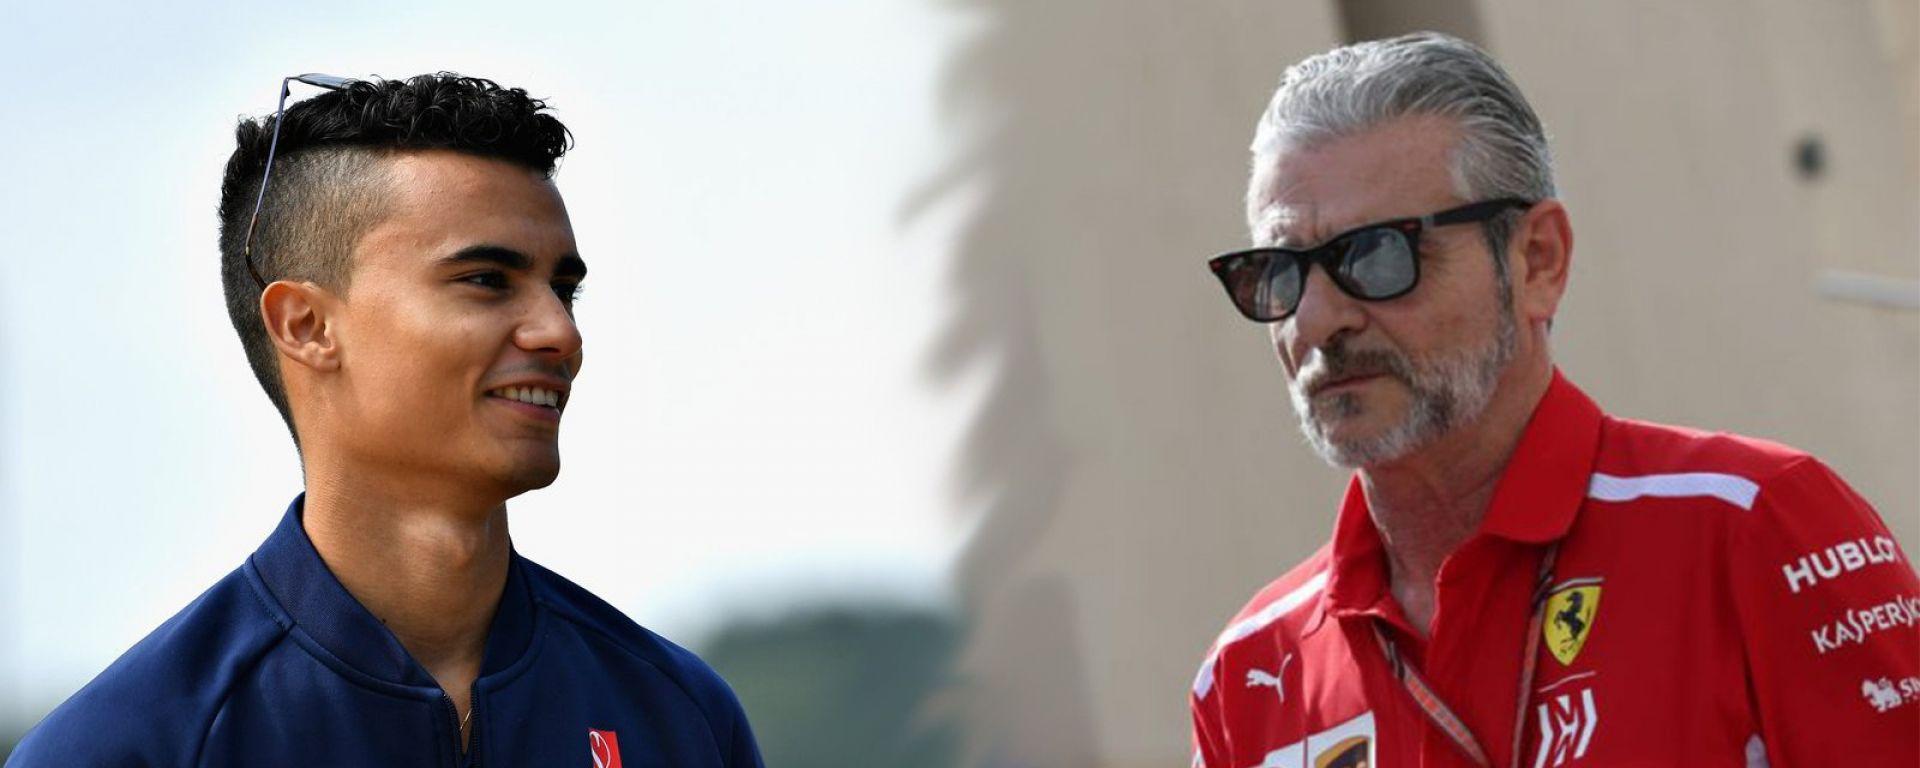 Collage con Pascal Wehrlein in Sauber e Arrivabene in Ferrari. I due potrebbero scambiarsi le polo nel 2019